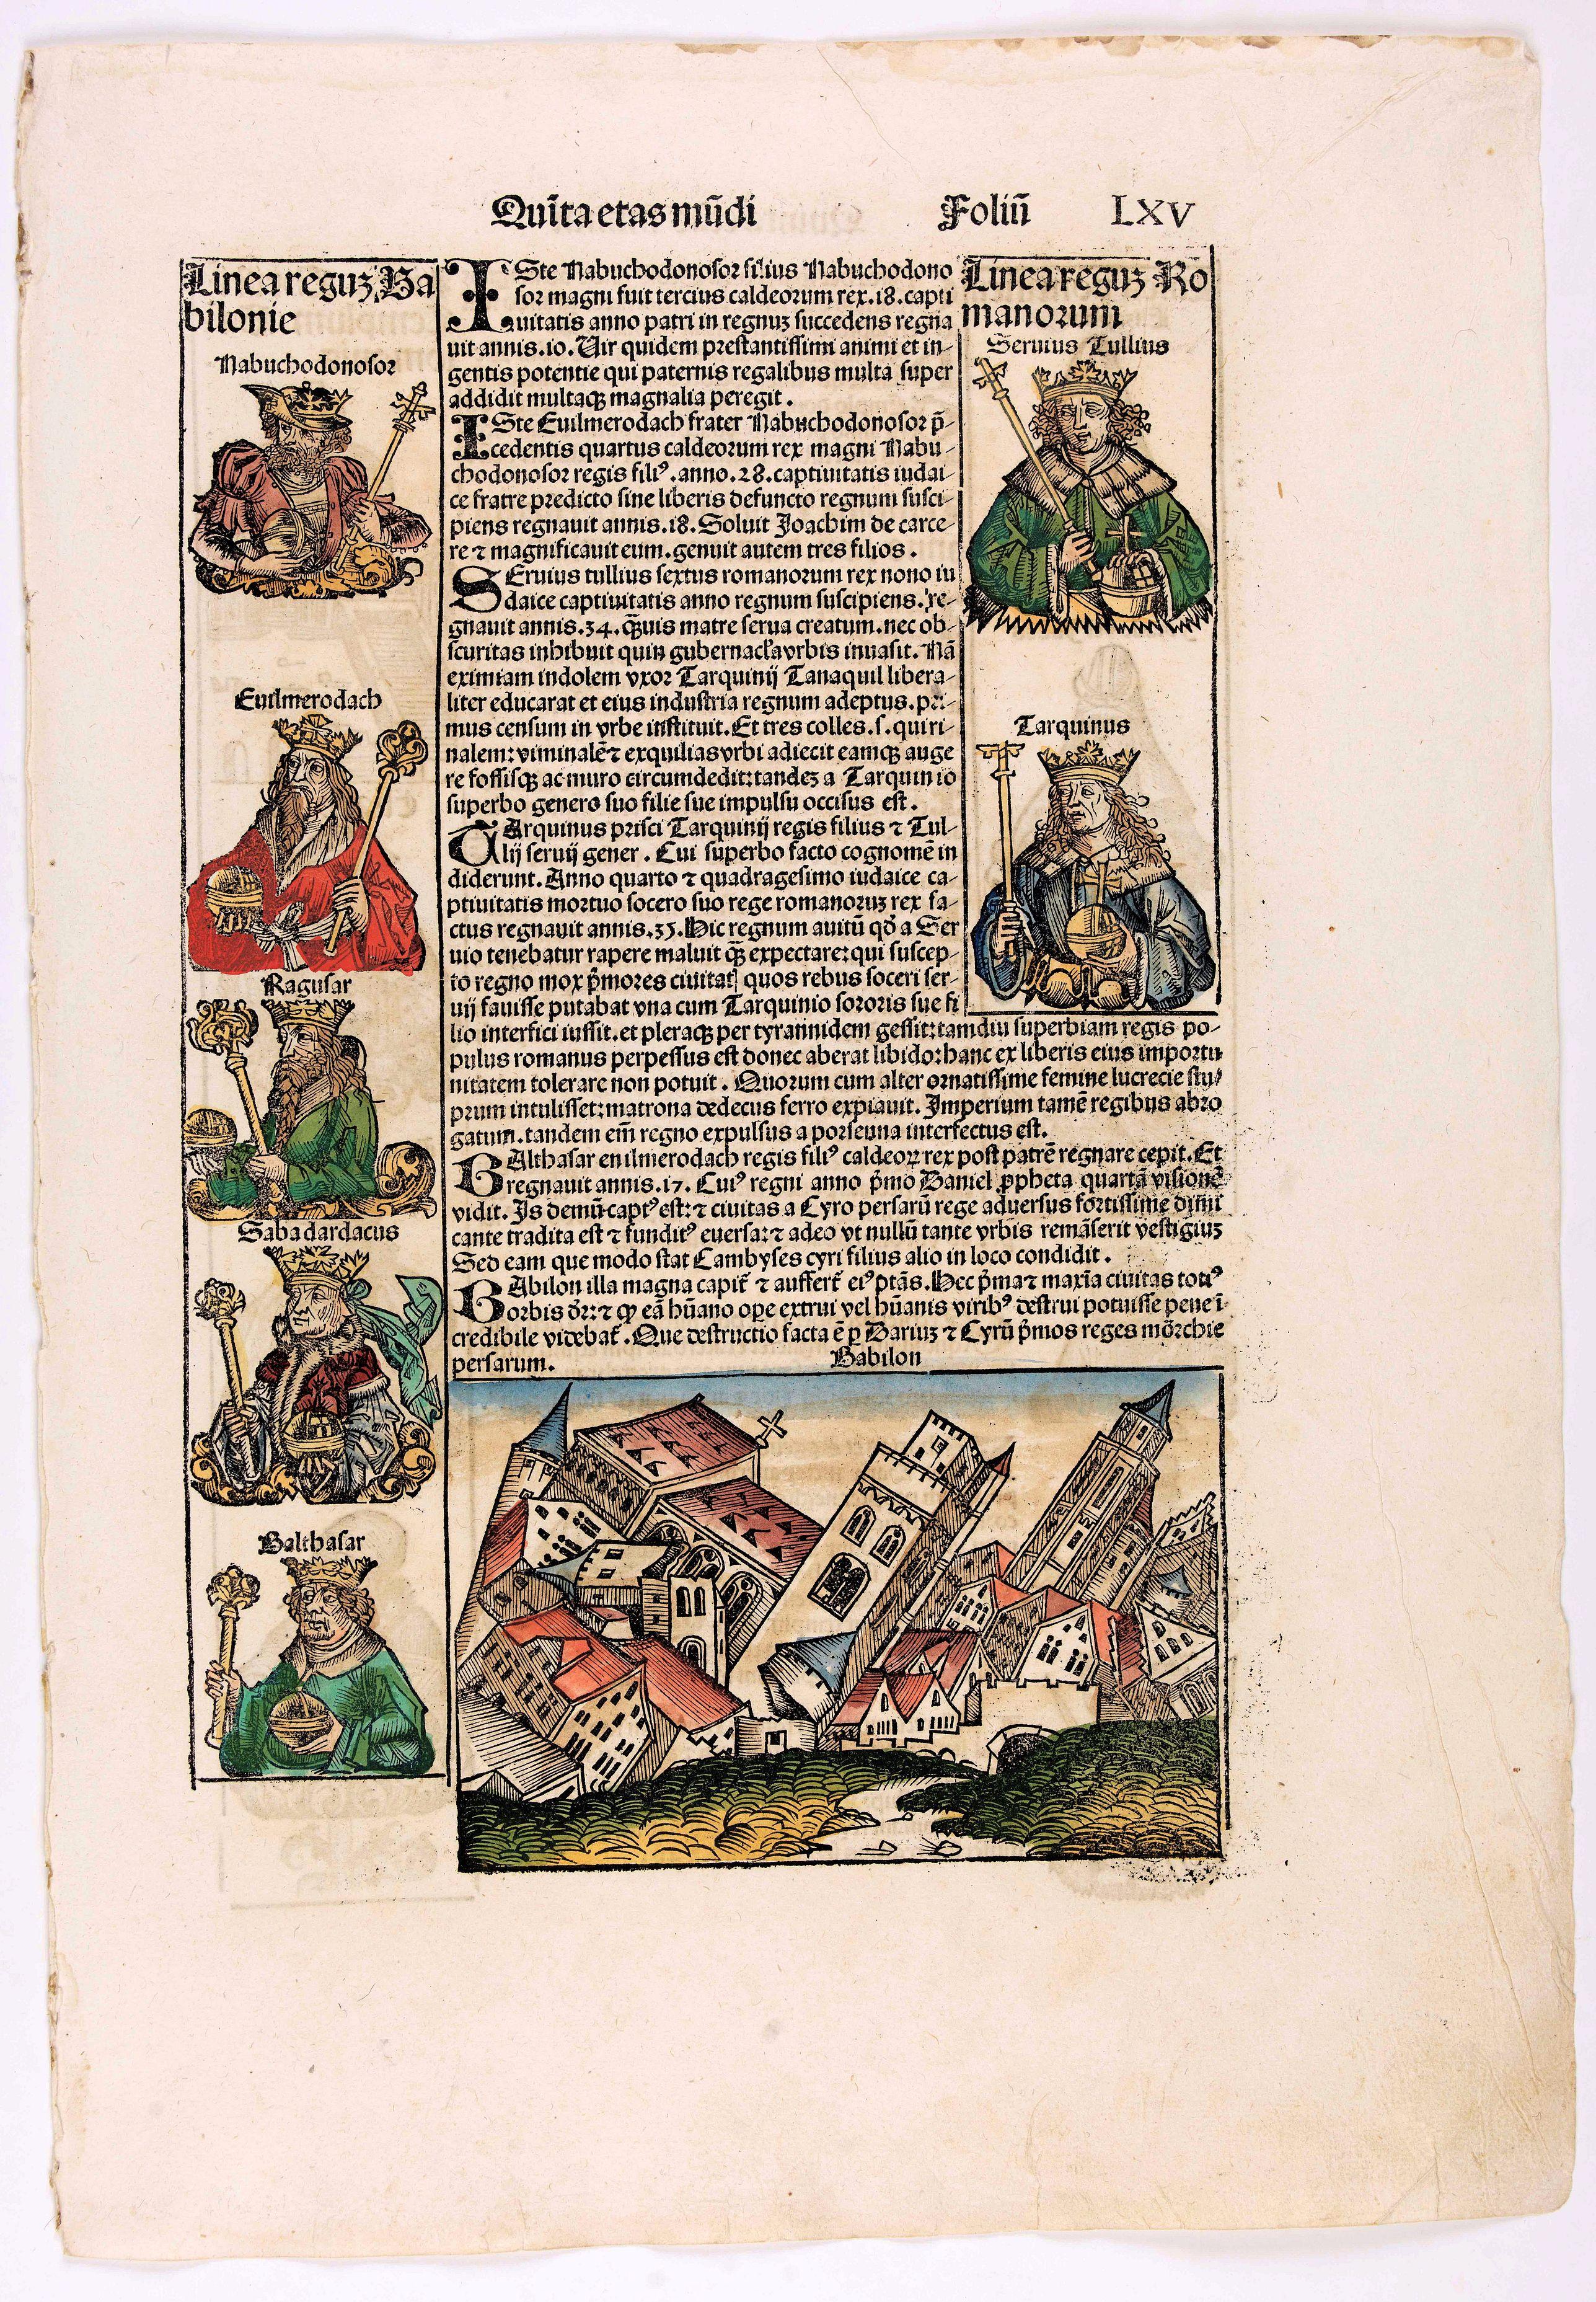 SCHEDEL, H. -  Quinta Etas Mudi. Folium. LXV (With view of Babylon)